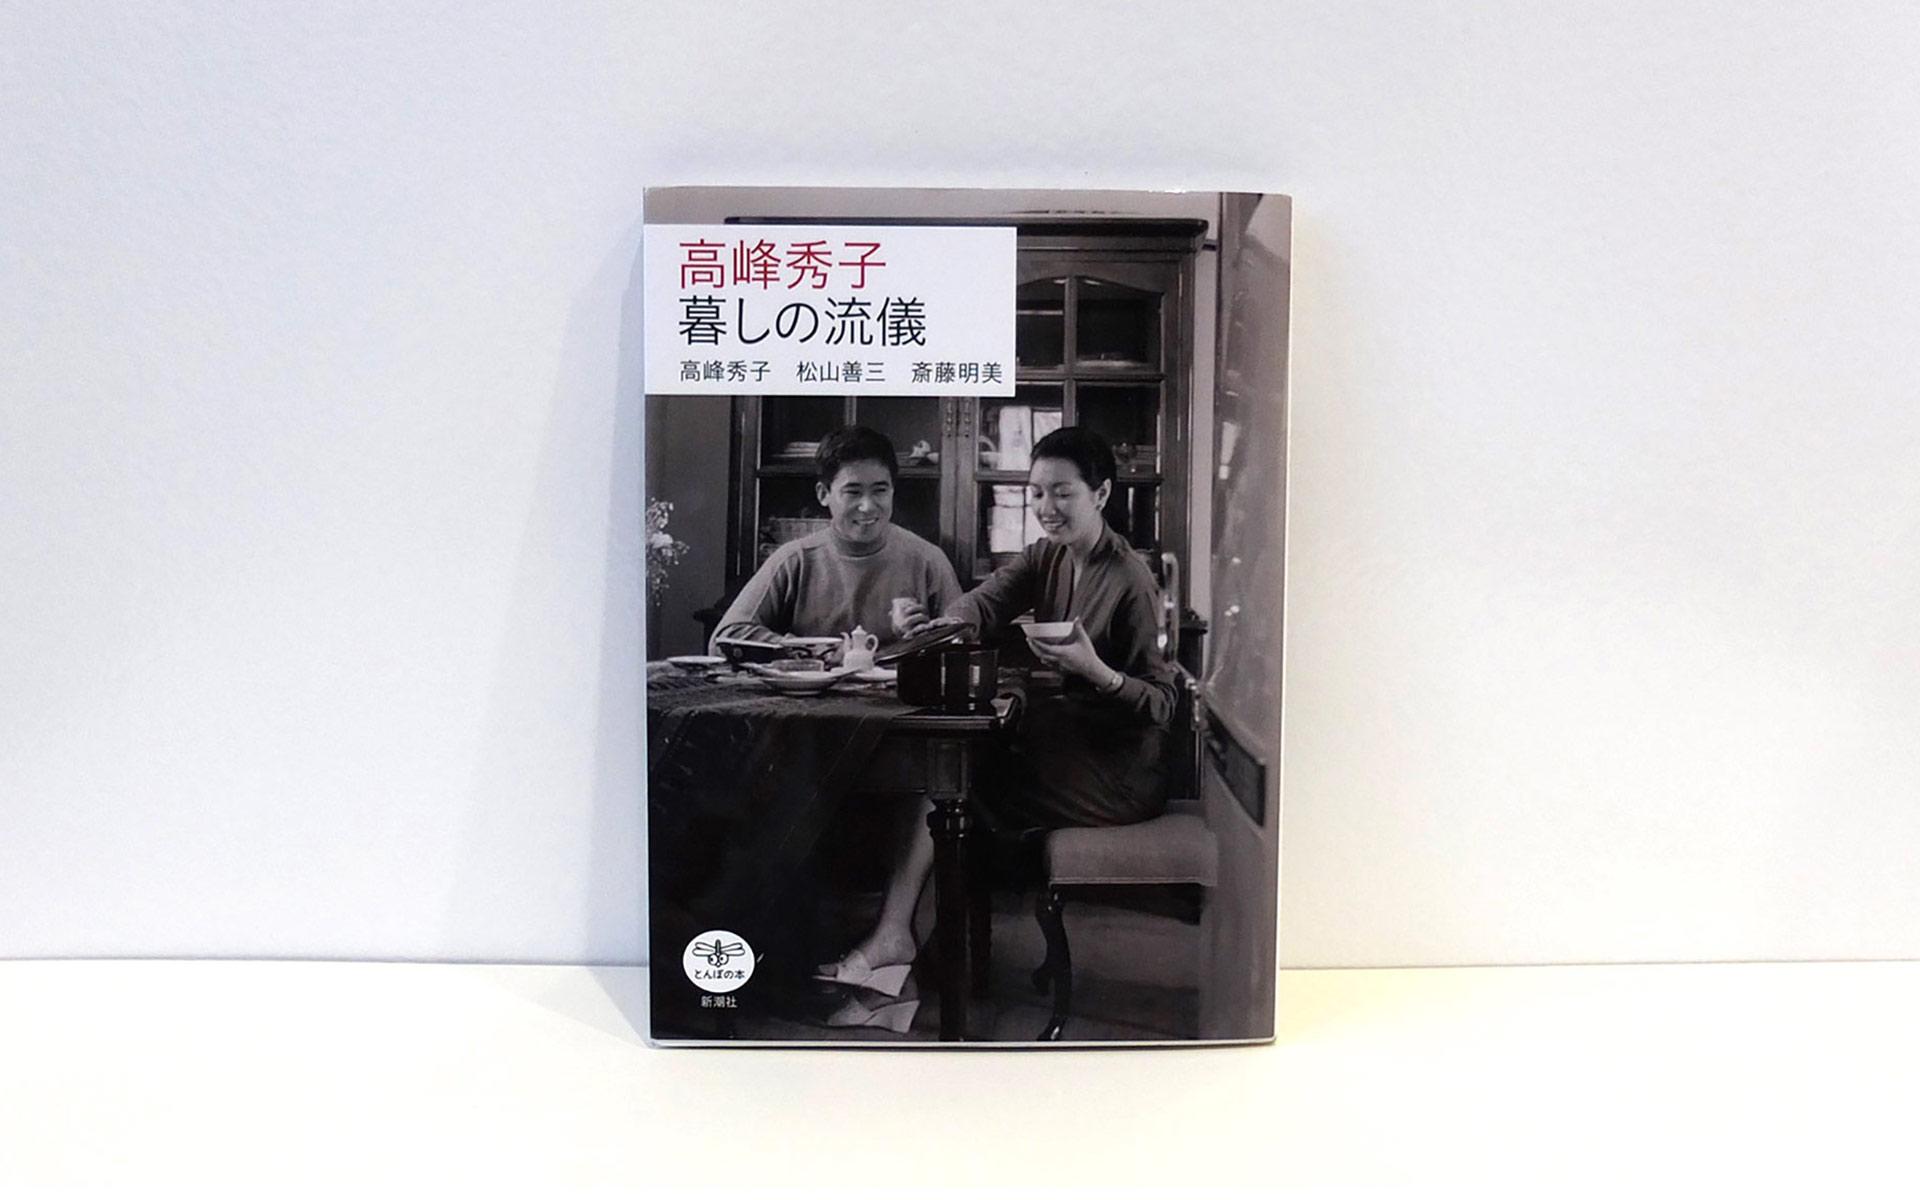 細萱久美が選ぶ、生活と工芸を知る本棚『高峰秀子 暮しの流儀』